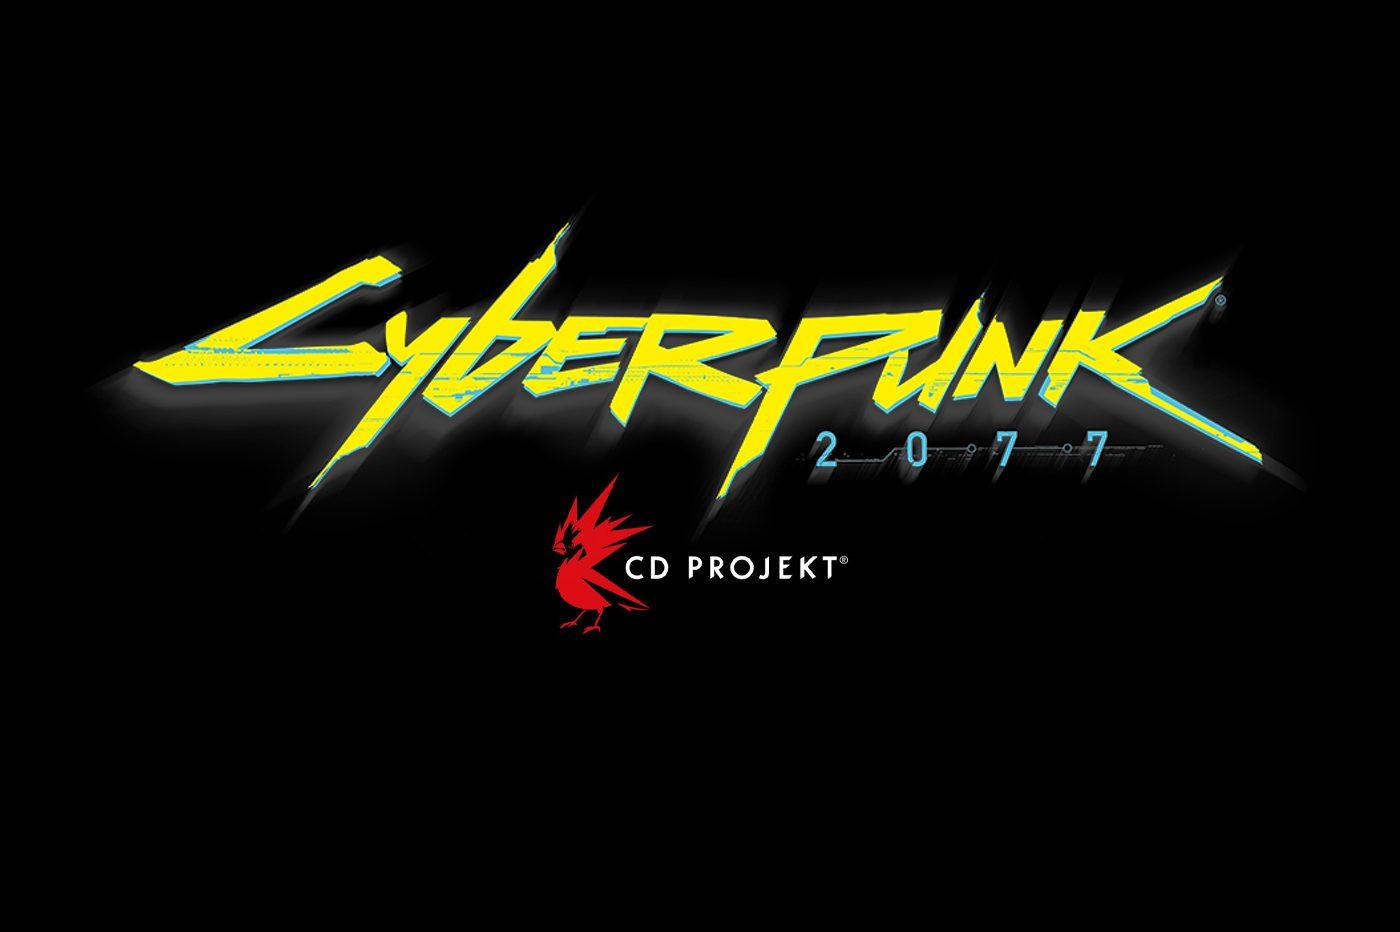 Les ennuis continuent pour CD Projekt et CyberPunk 2077